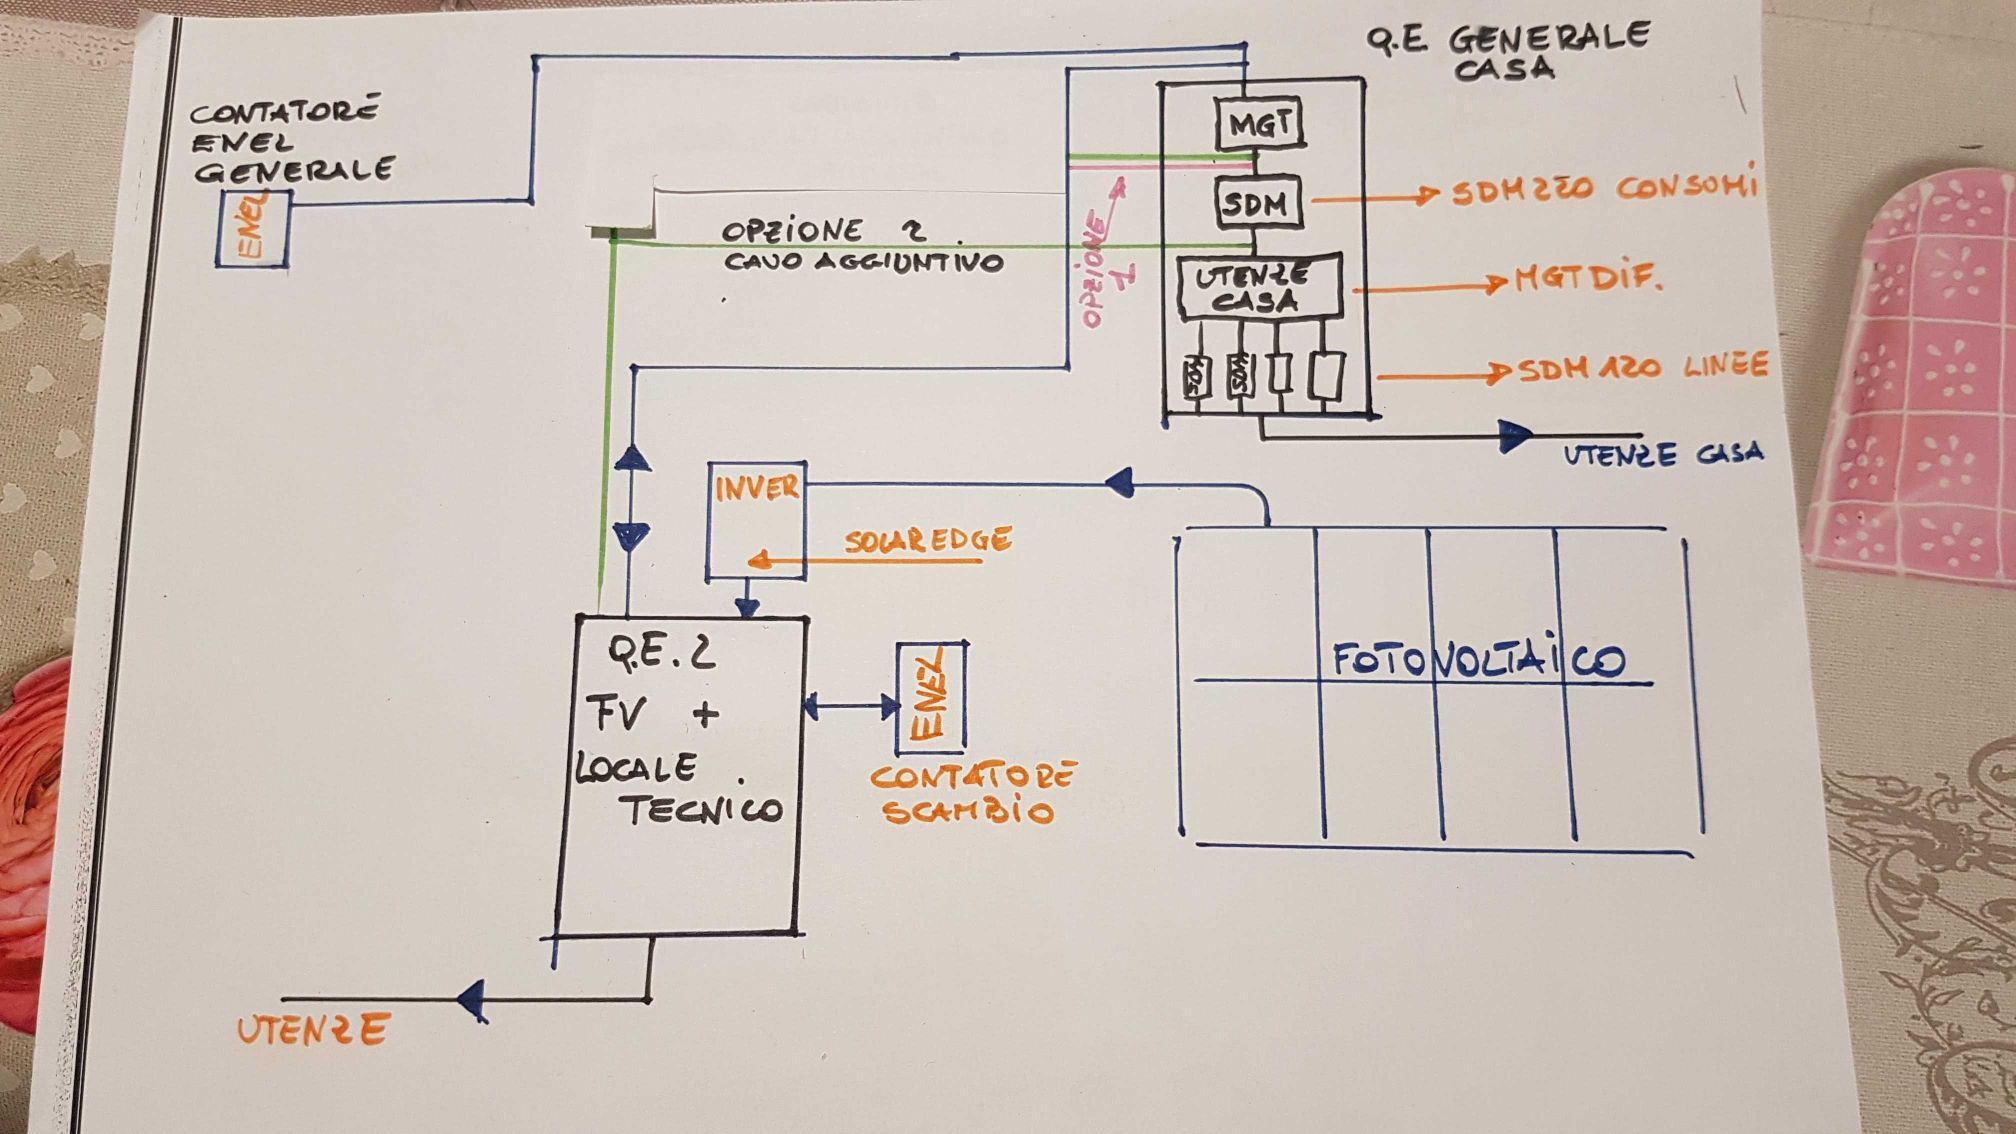 Schema Elettrico Nrg : Raspberry metern monitoraggio energetico valido ed economico